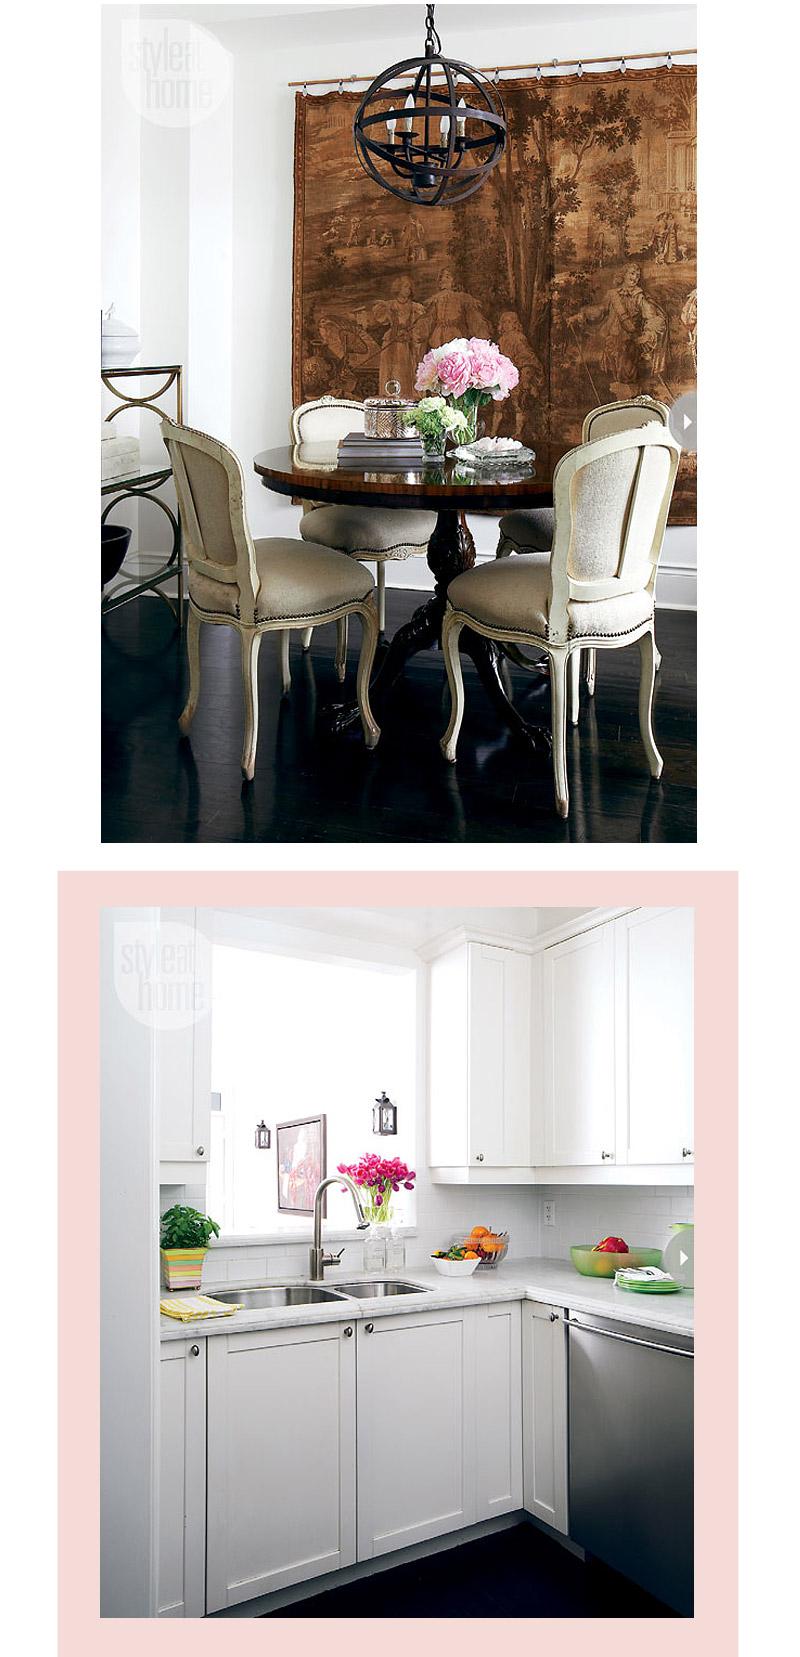 living-gazette-barbara-resende-decor-tour-apto-pequeno-vintage-sala-jantar-cozinha